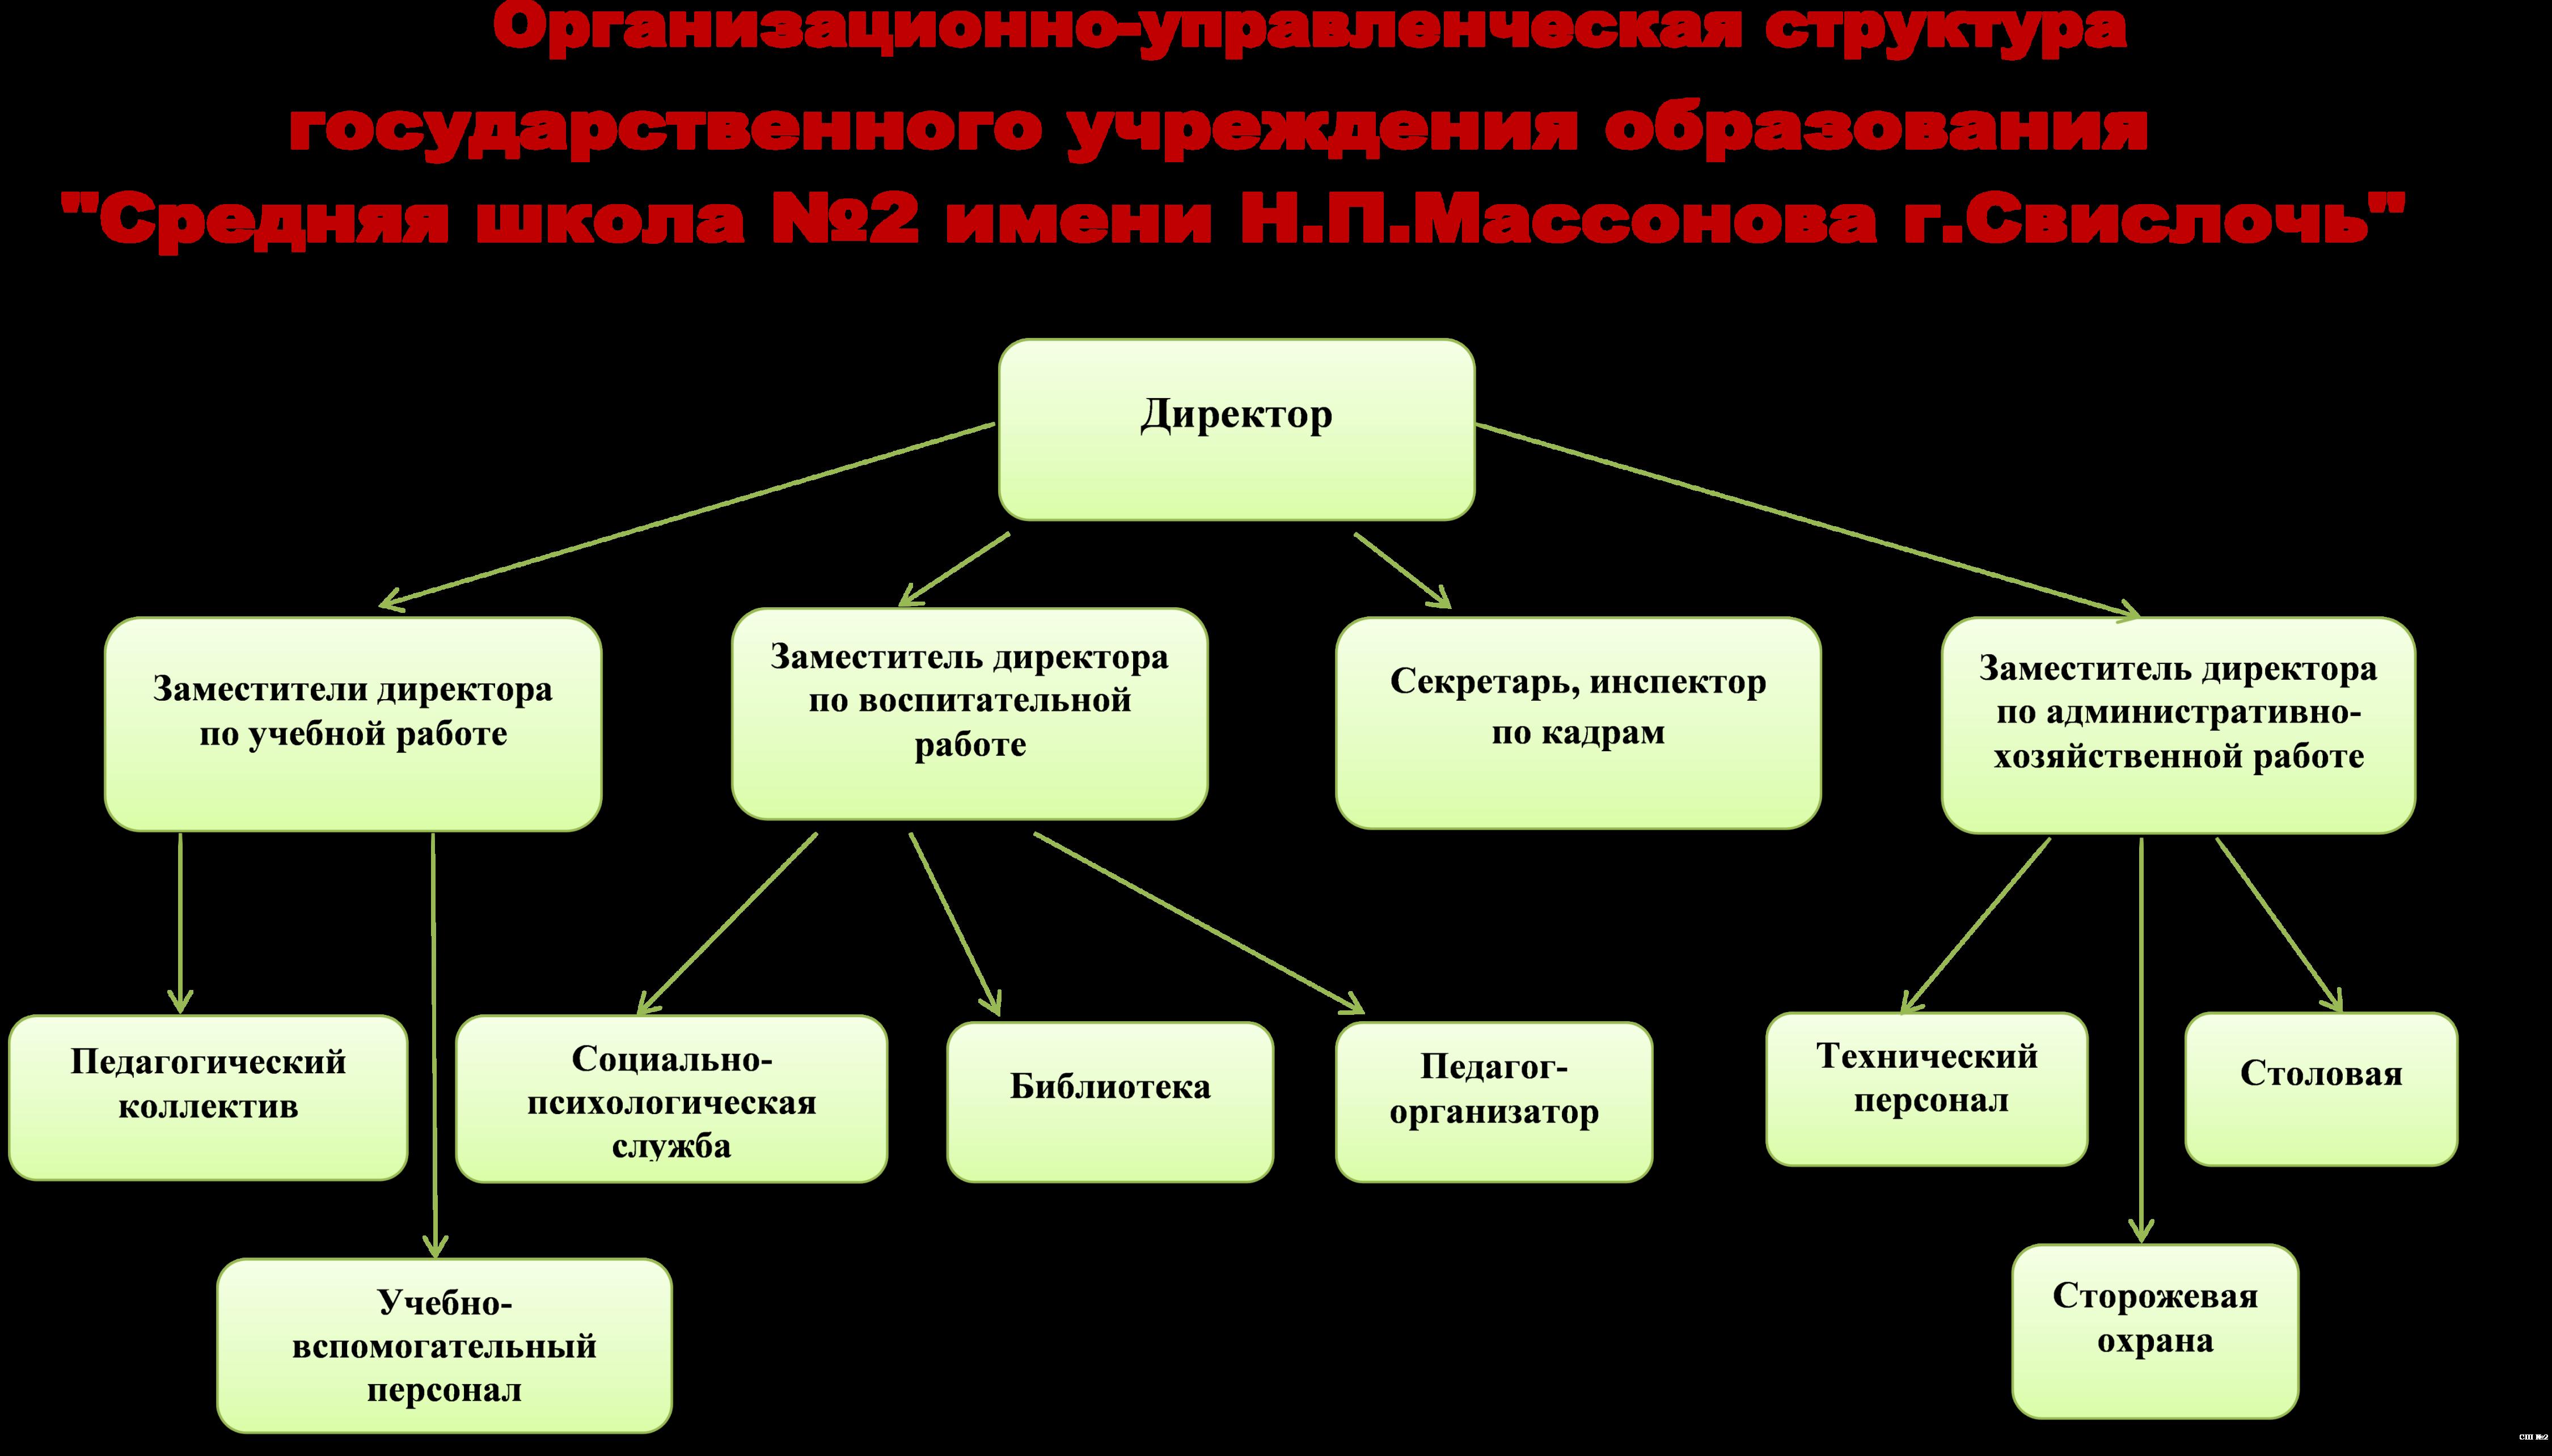 Схема организационной структуры менеджмента